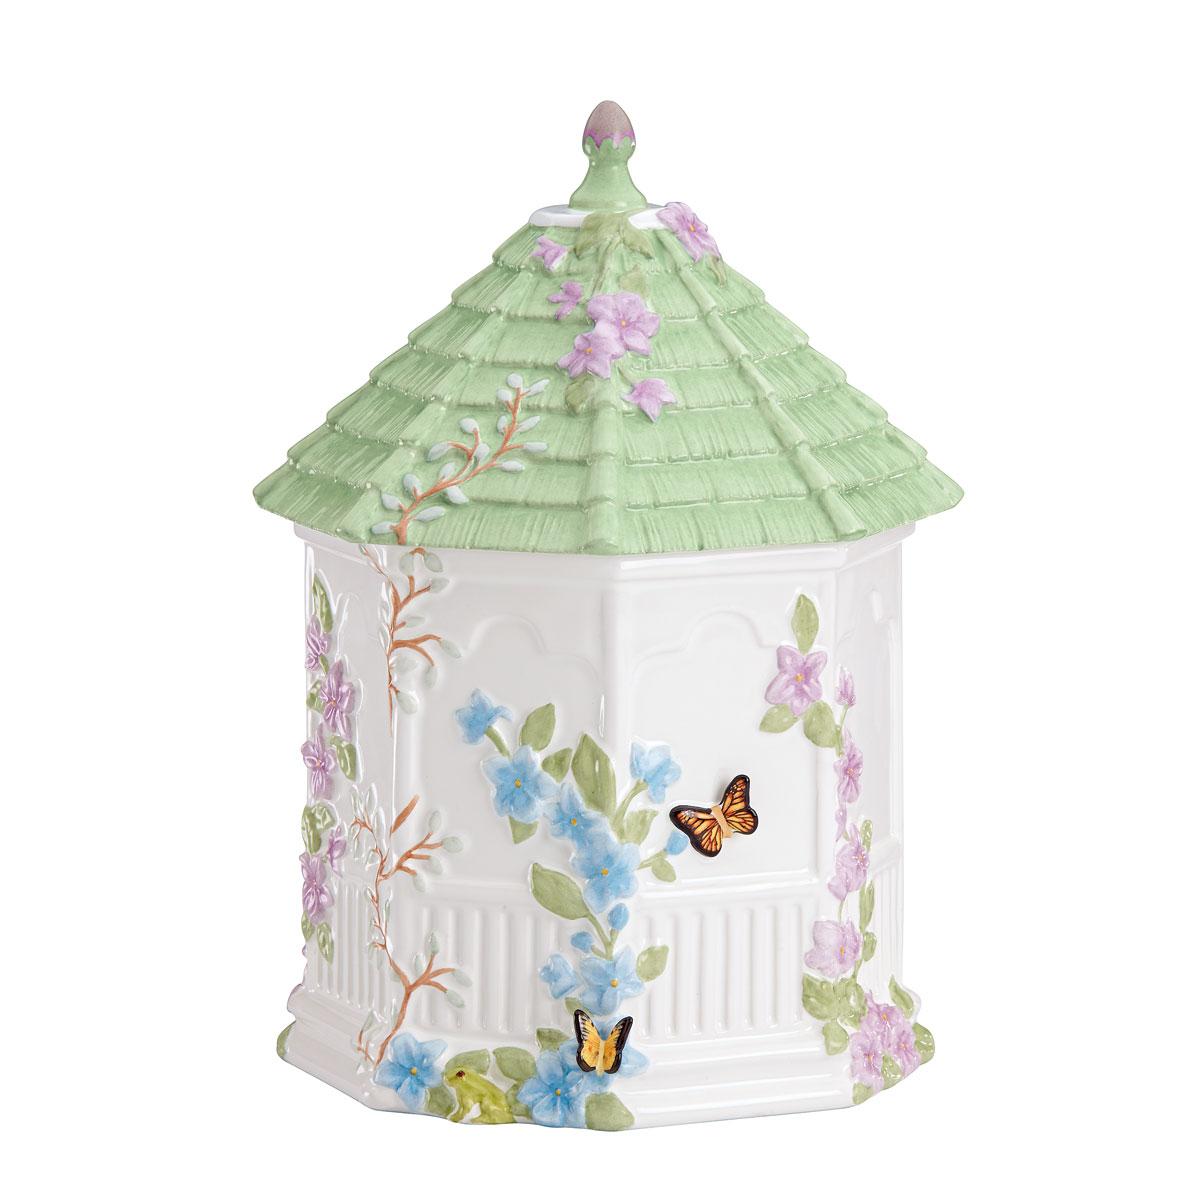 Lenox Butterfly Meadow Dinnerware Gazebo Cookie Jar